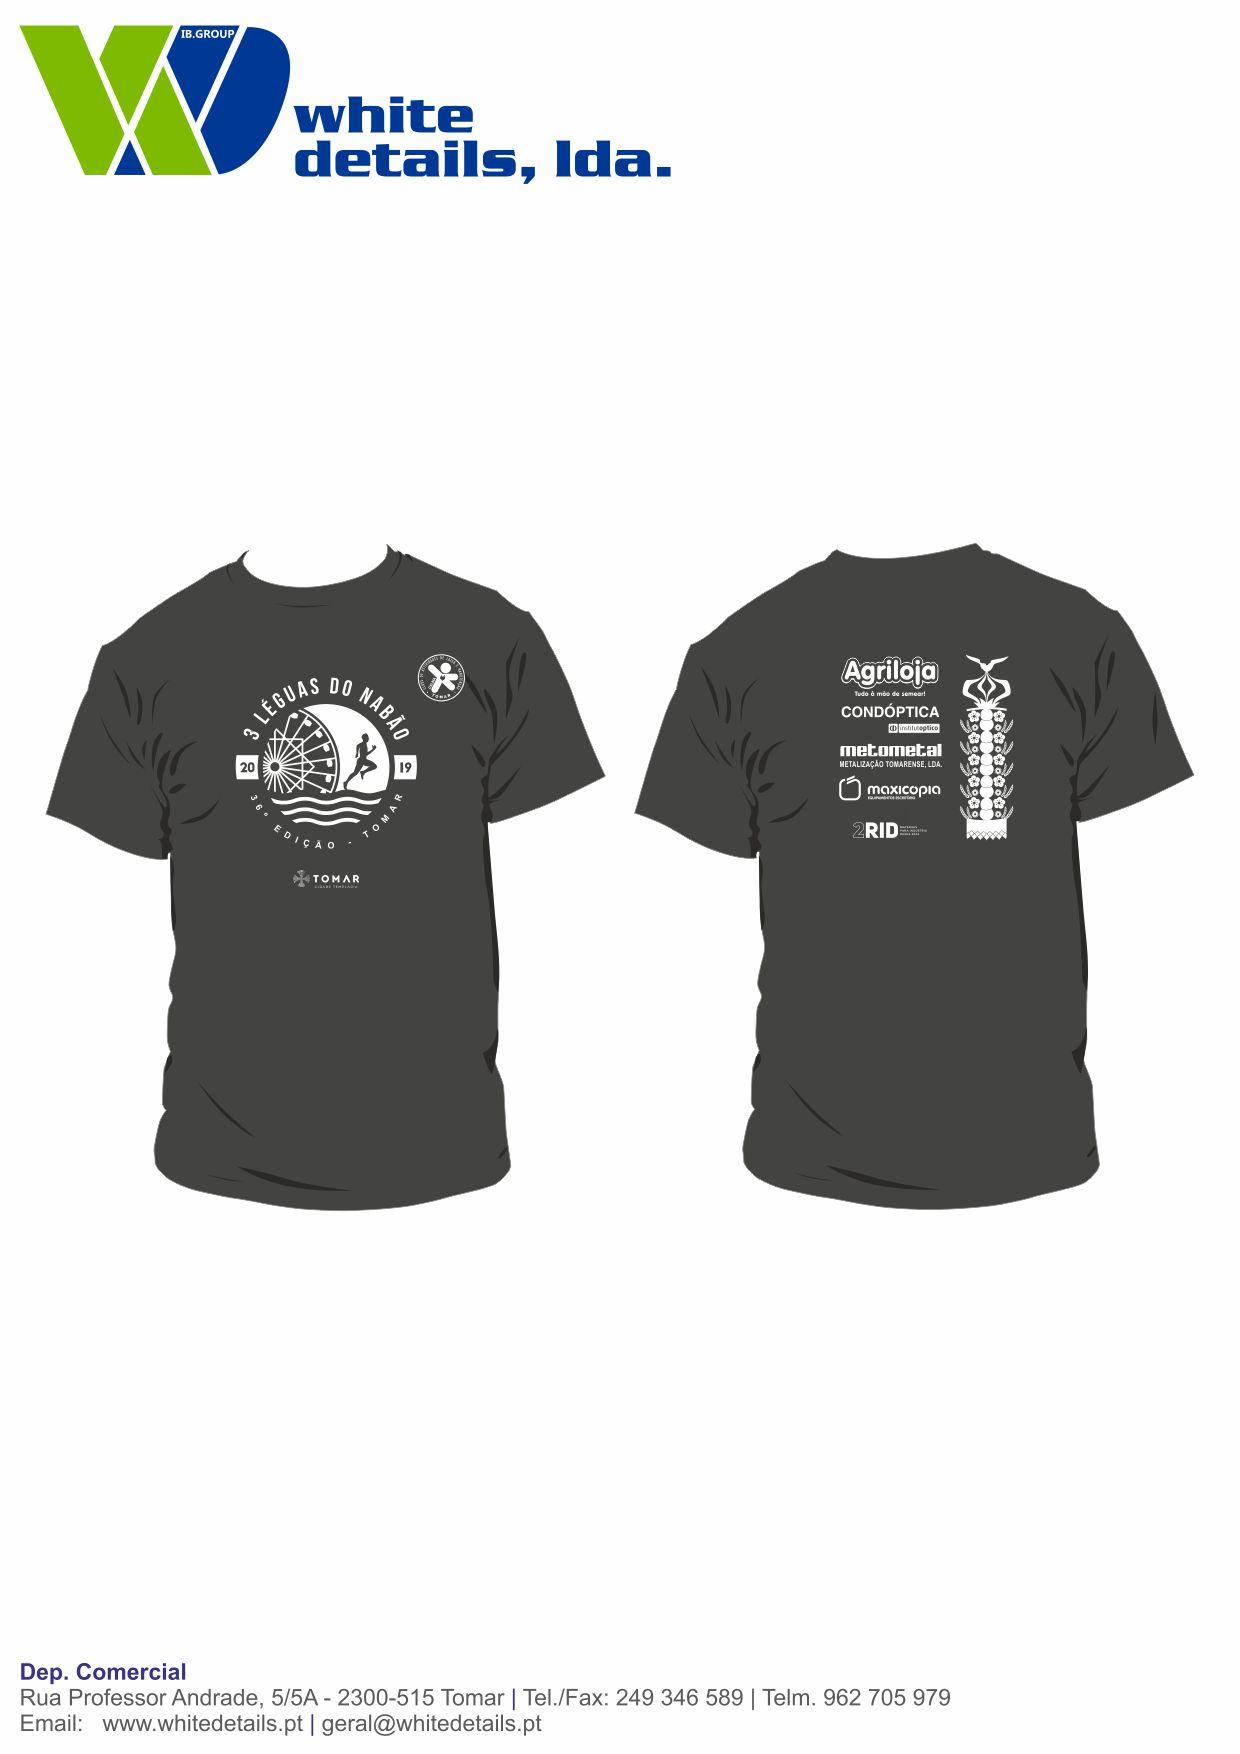 Calma Club - 3Leguas 2019 - Tshirt - maquete